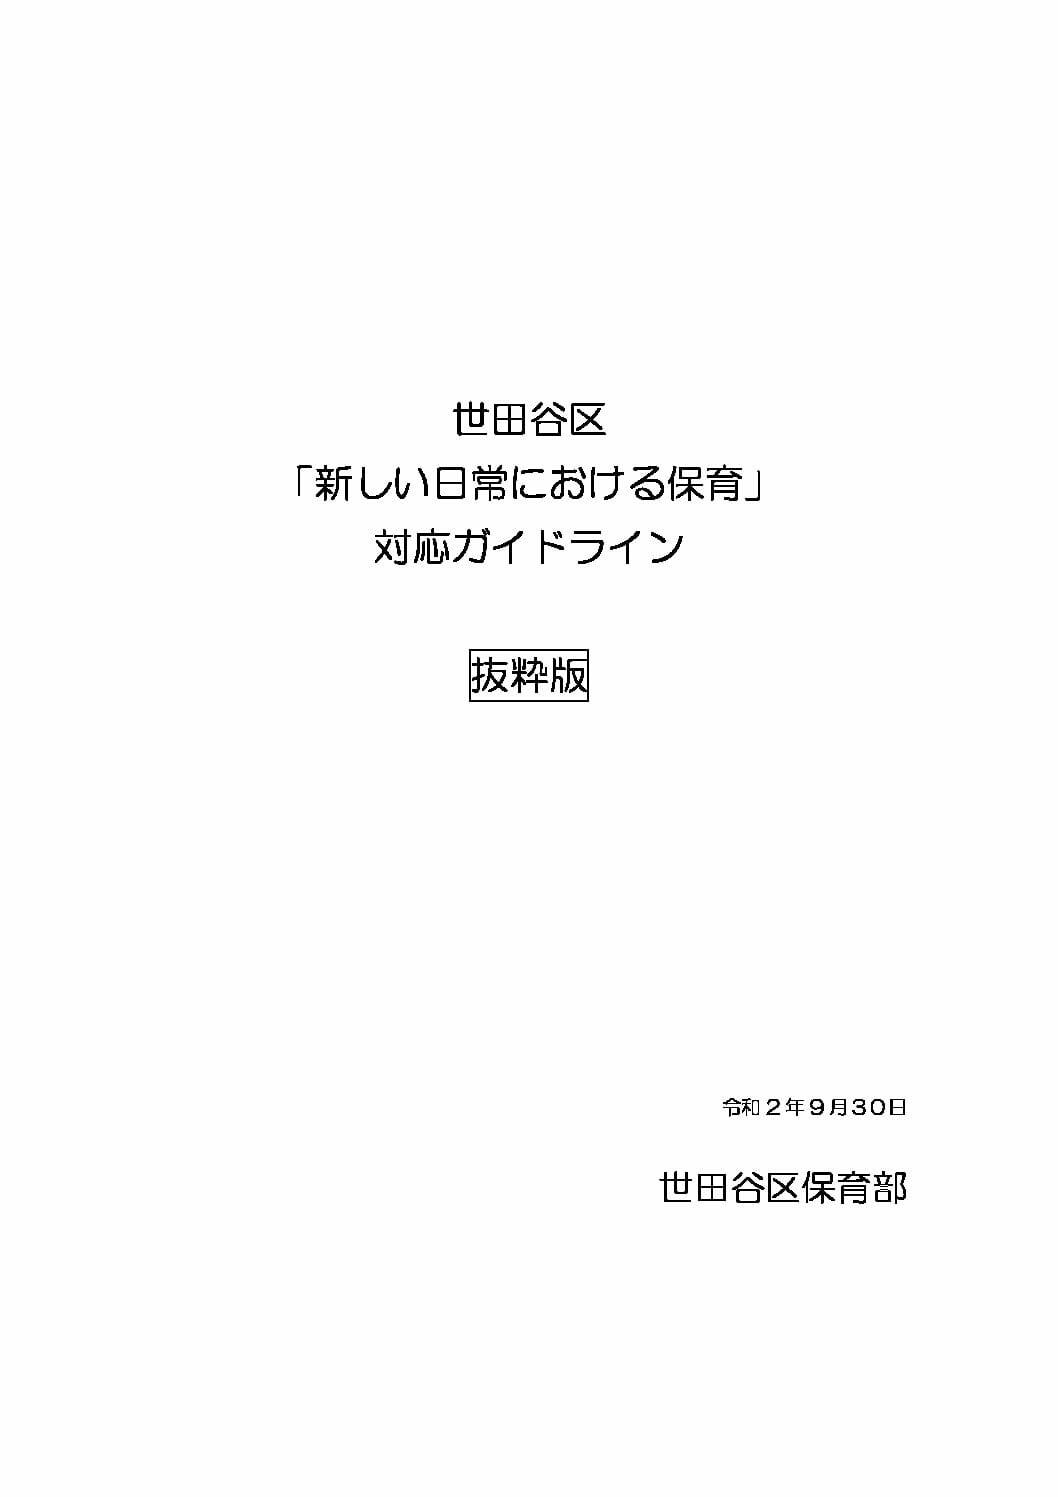 感染防止を踏まえた「新しい日常における保育」対応ガイドラインについて(令和 2 年 9 月30日 )東京都世田谷区